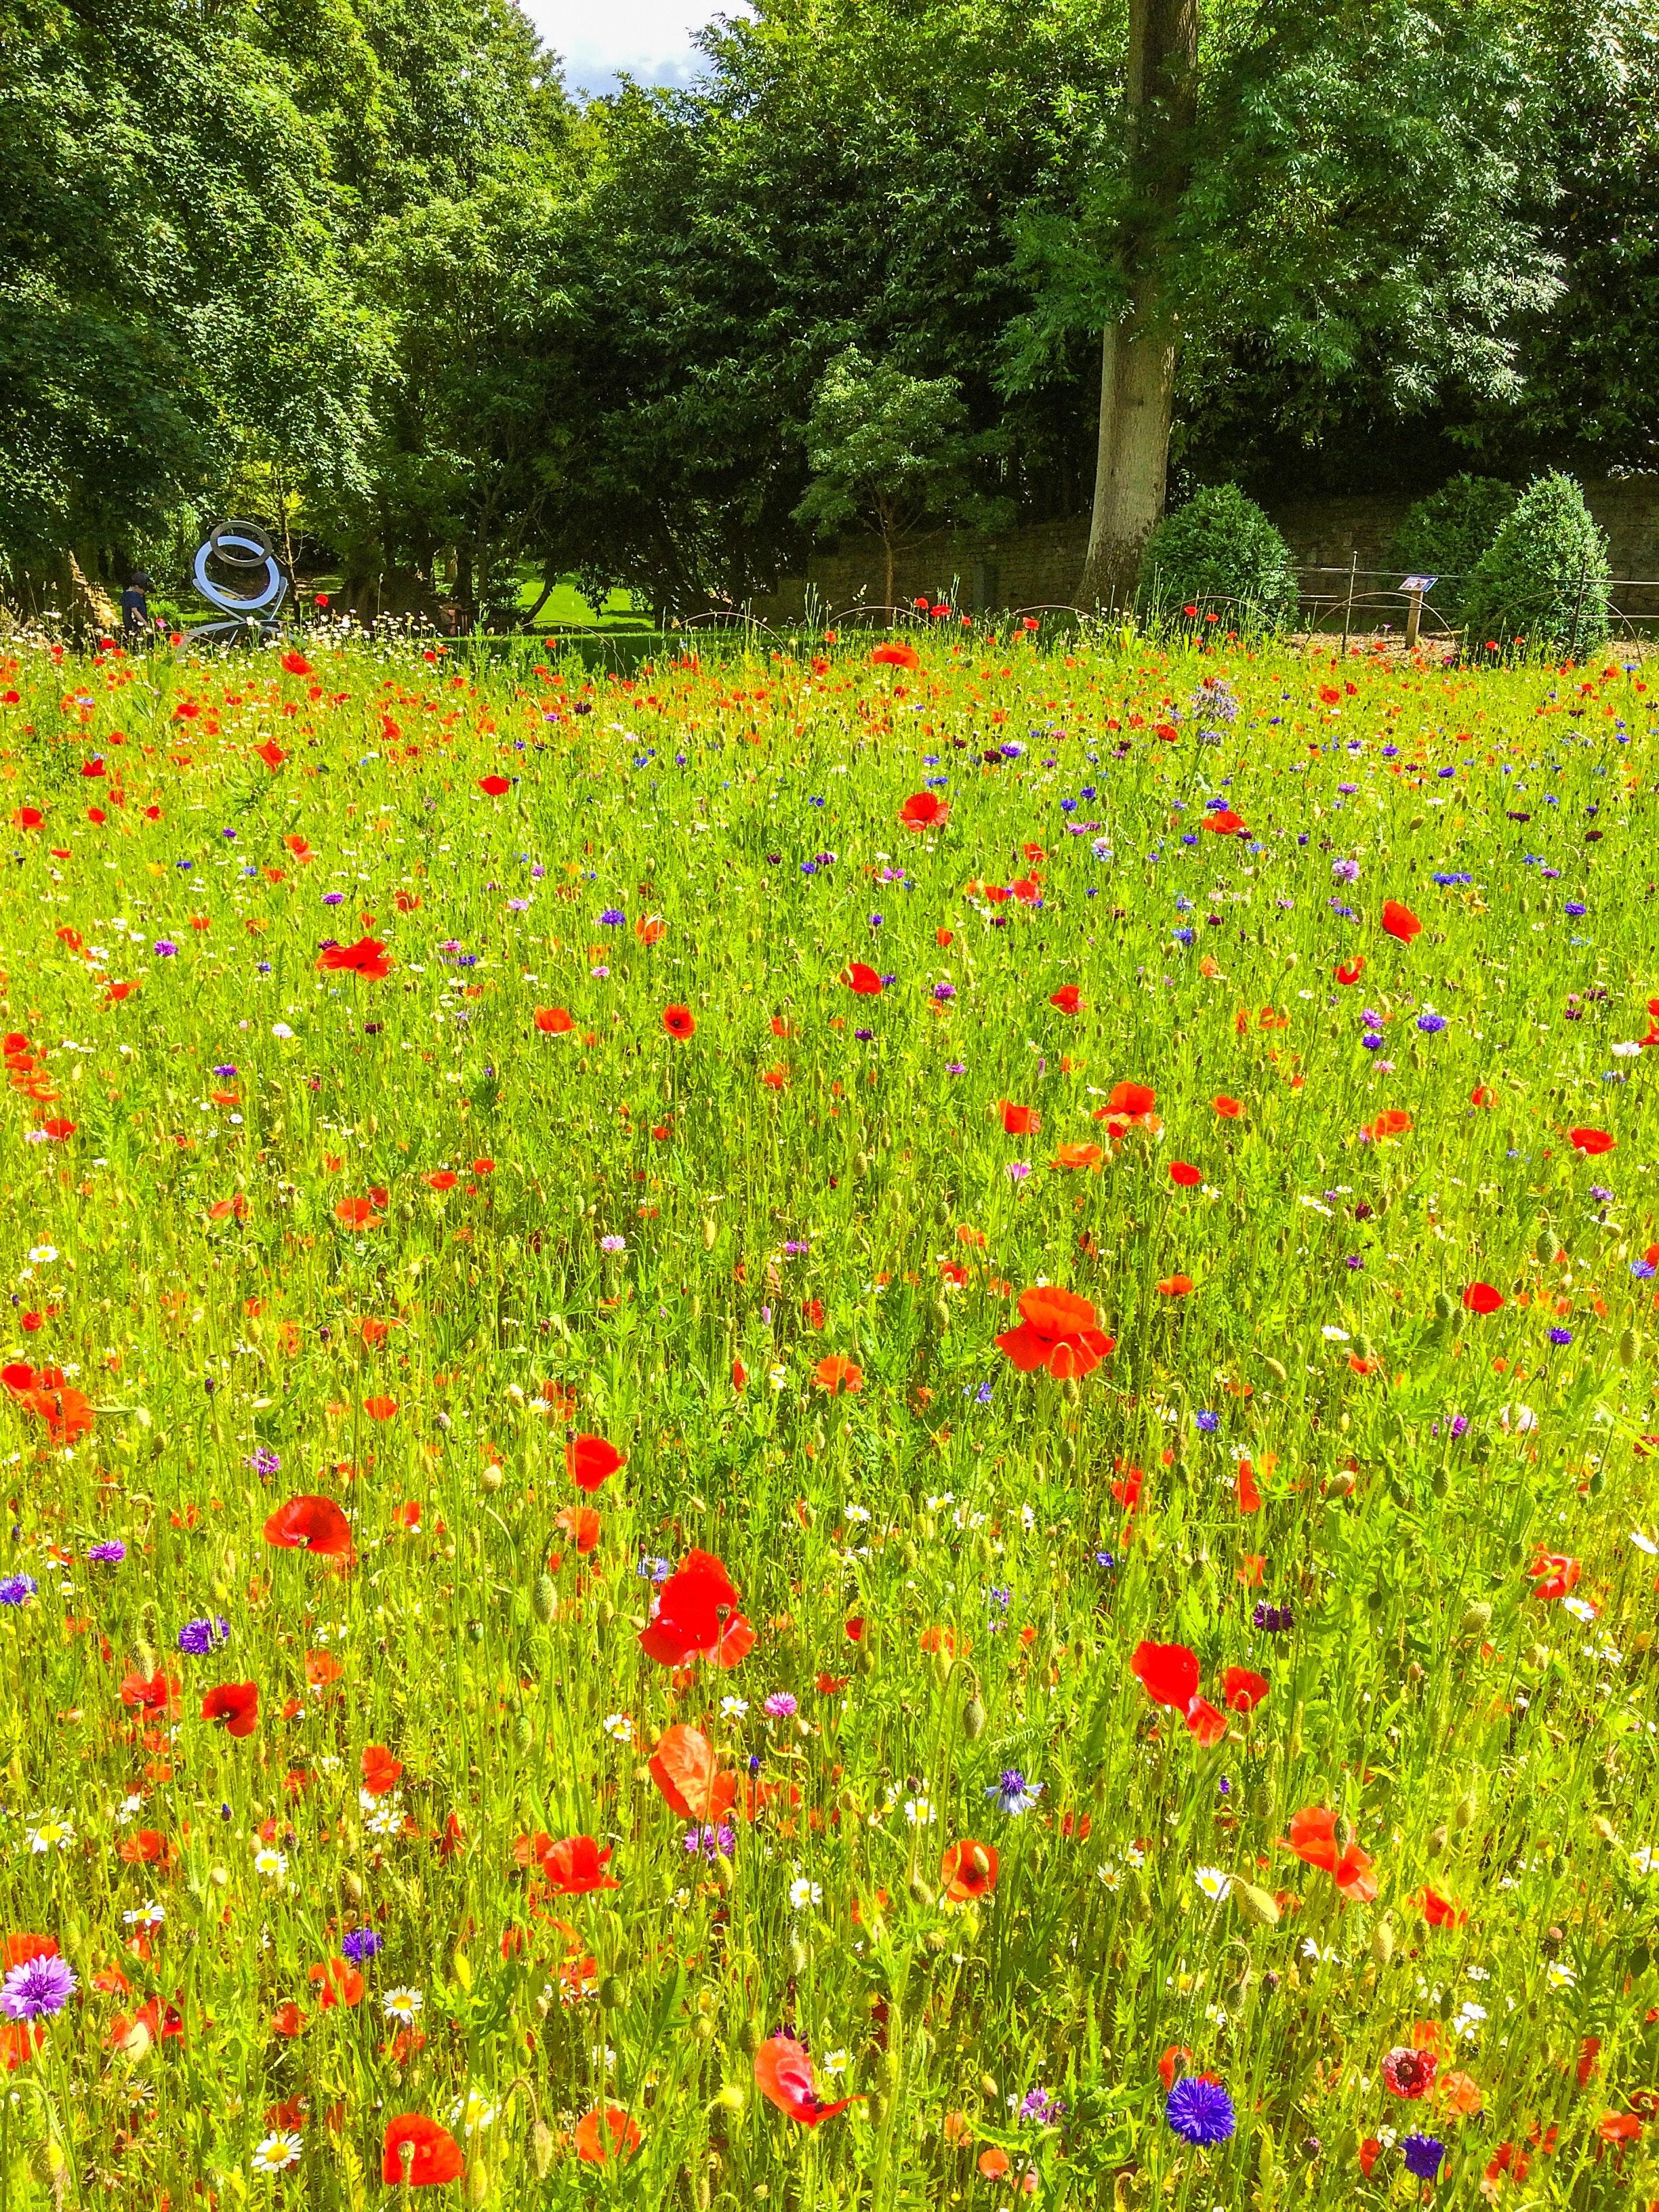 summer-grass-wild-poppies-red-flowers-3600057